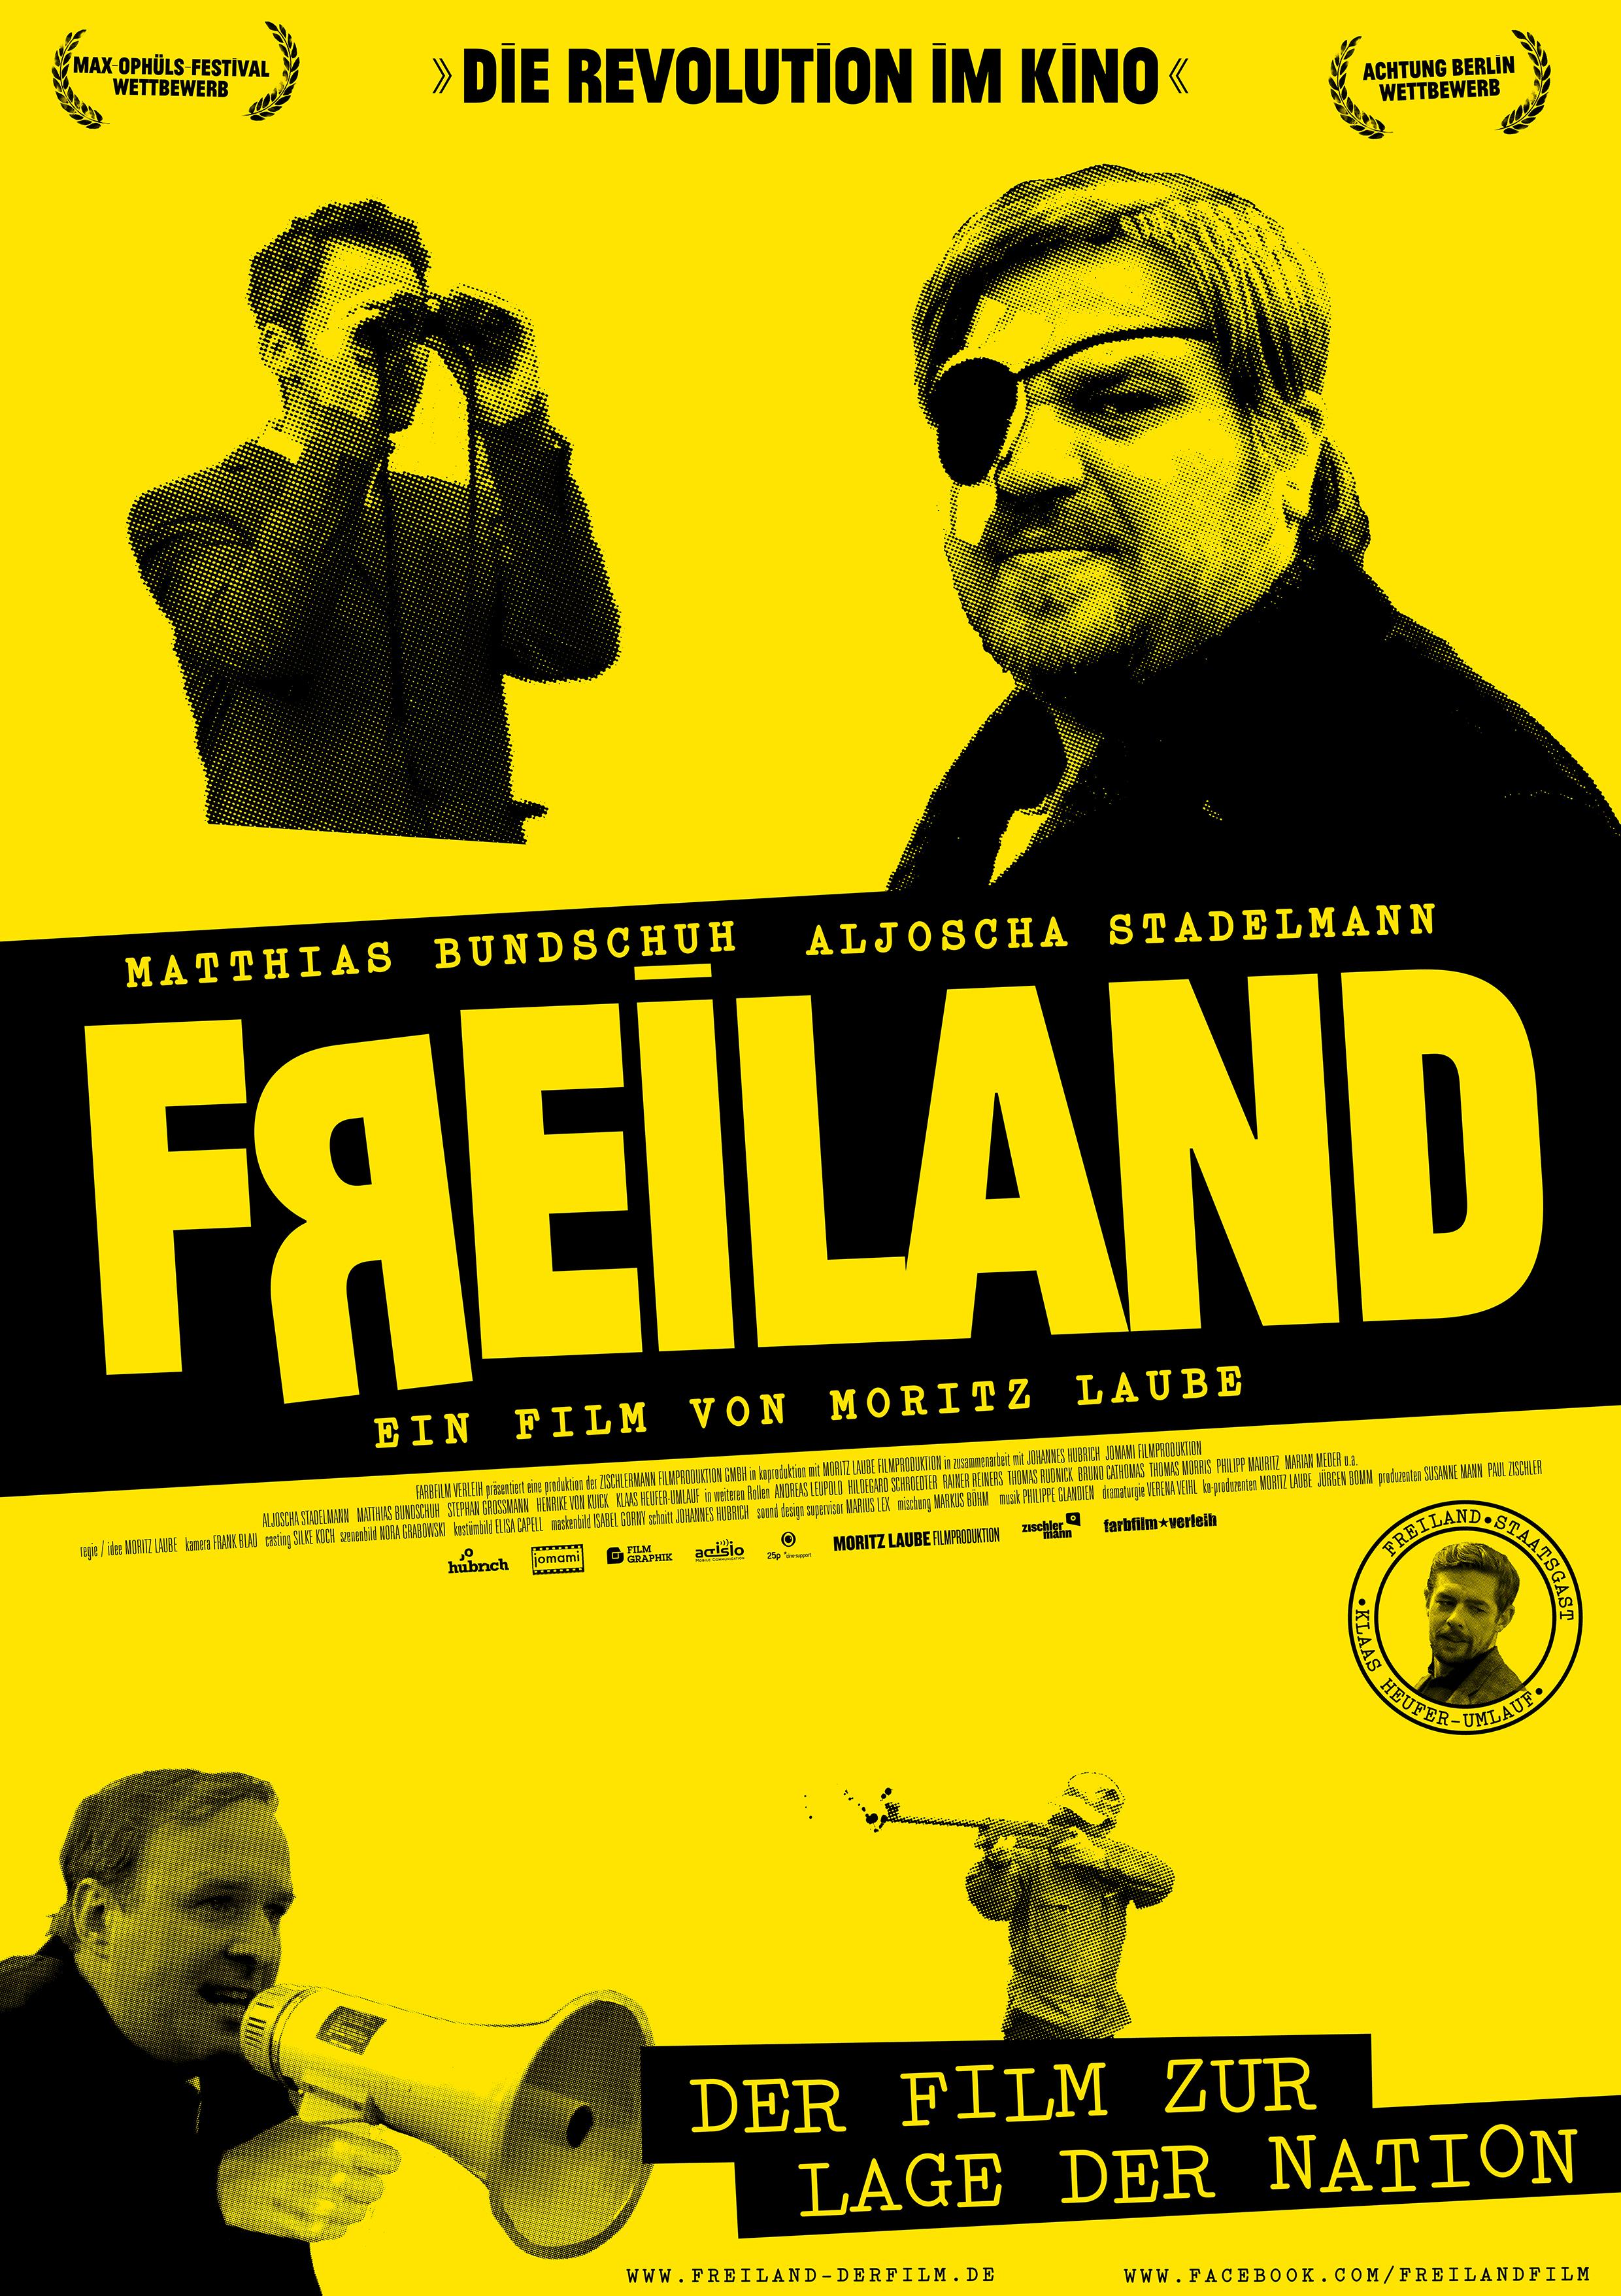 2014_Freiland_zischlermann_filmproduktion.jpg